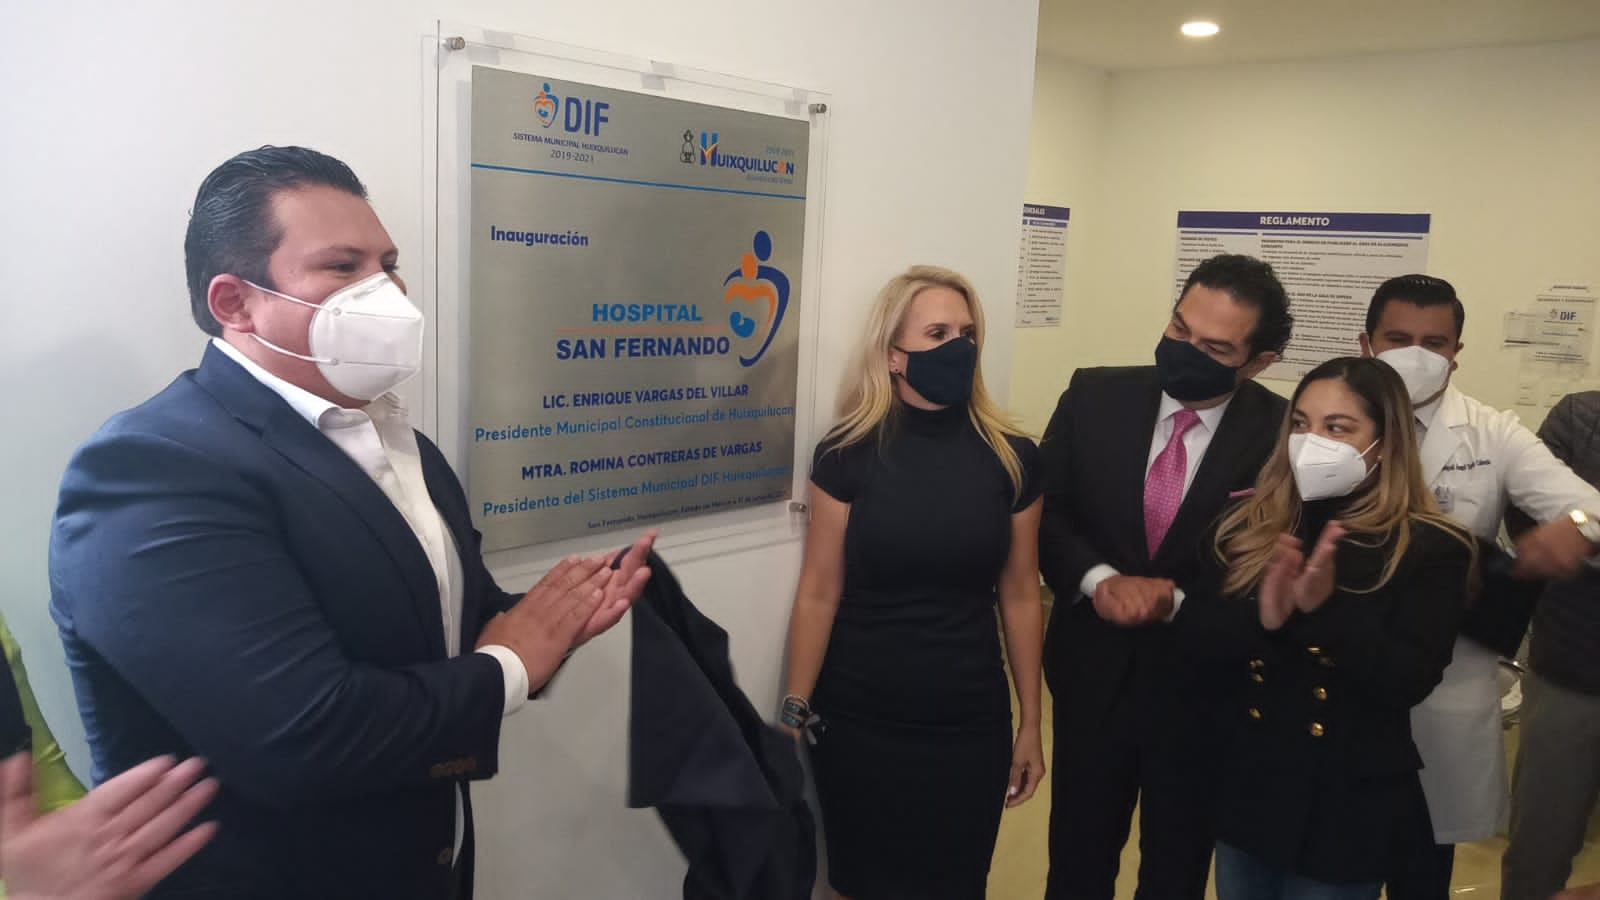 Inaugura Enrique Vargas del Villar Hospital San Fernando en Huixquilucan